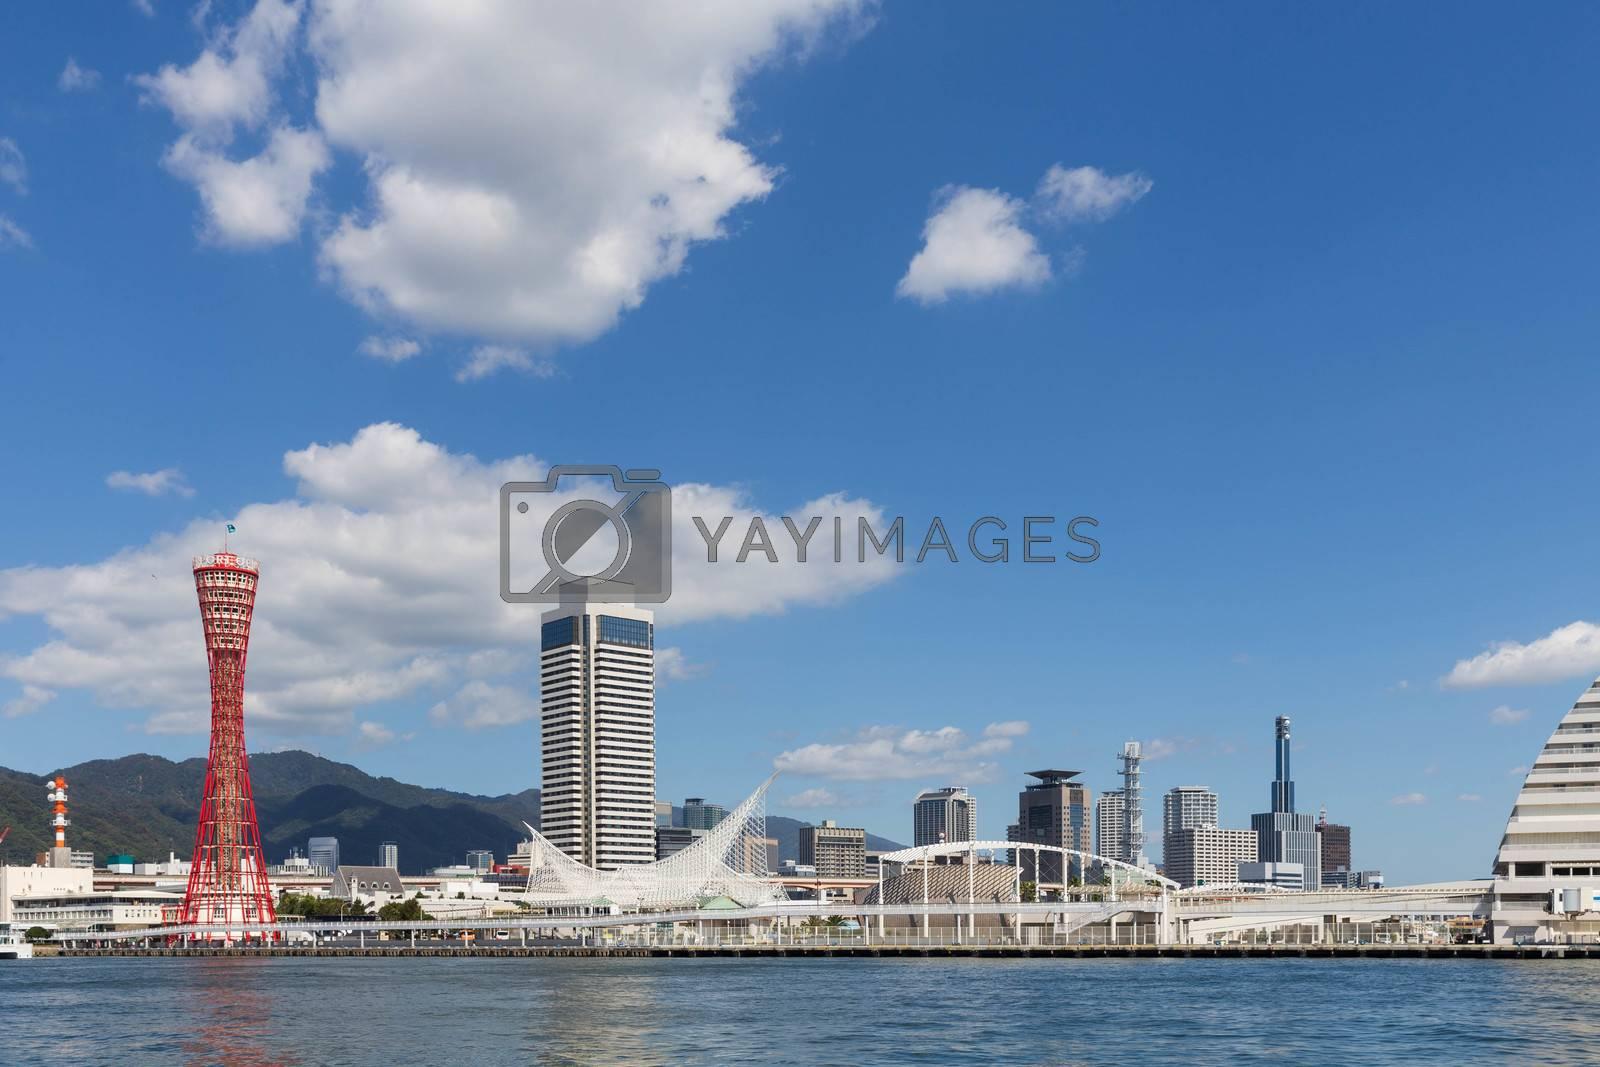 Landmark tower in Kobe, Japan